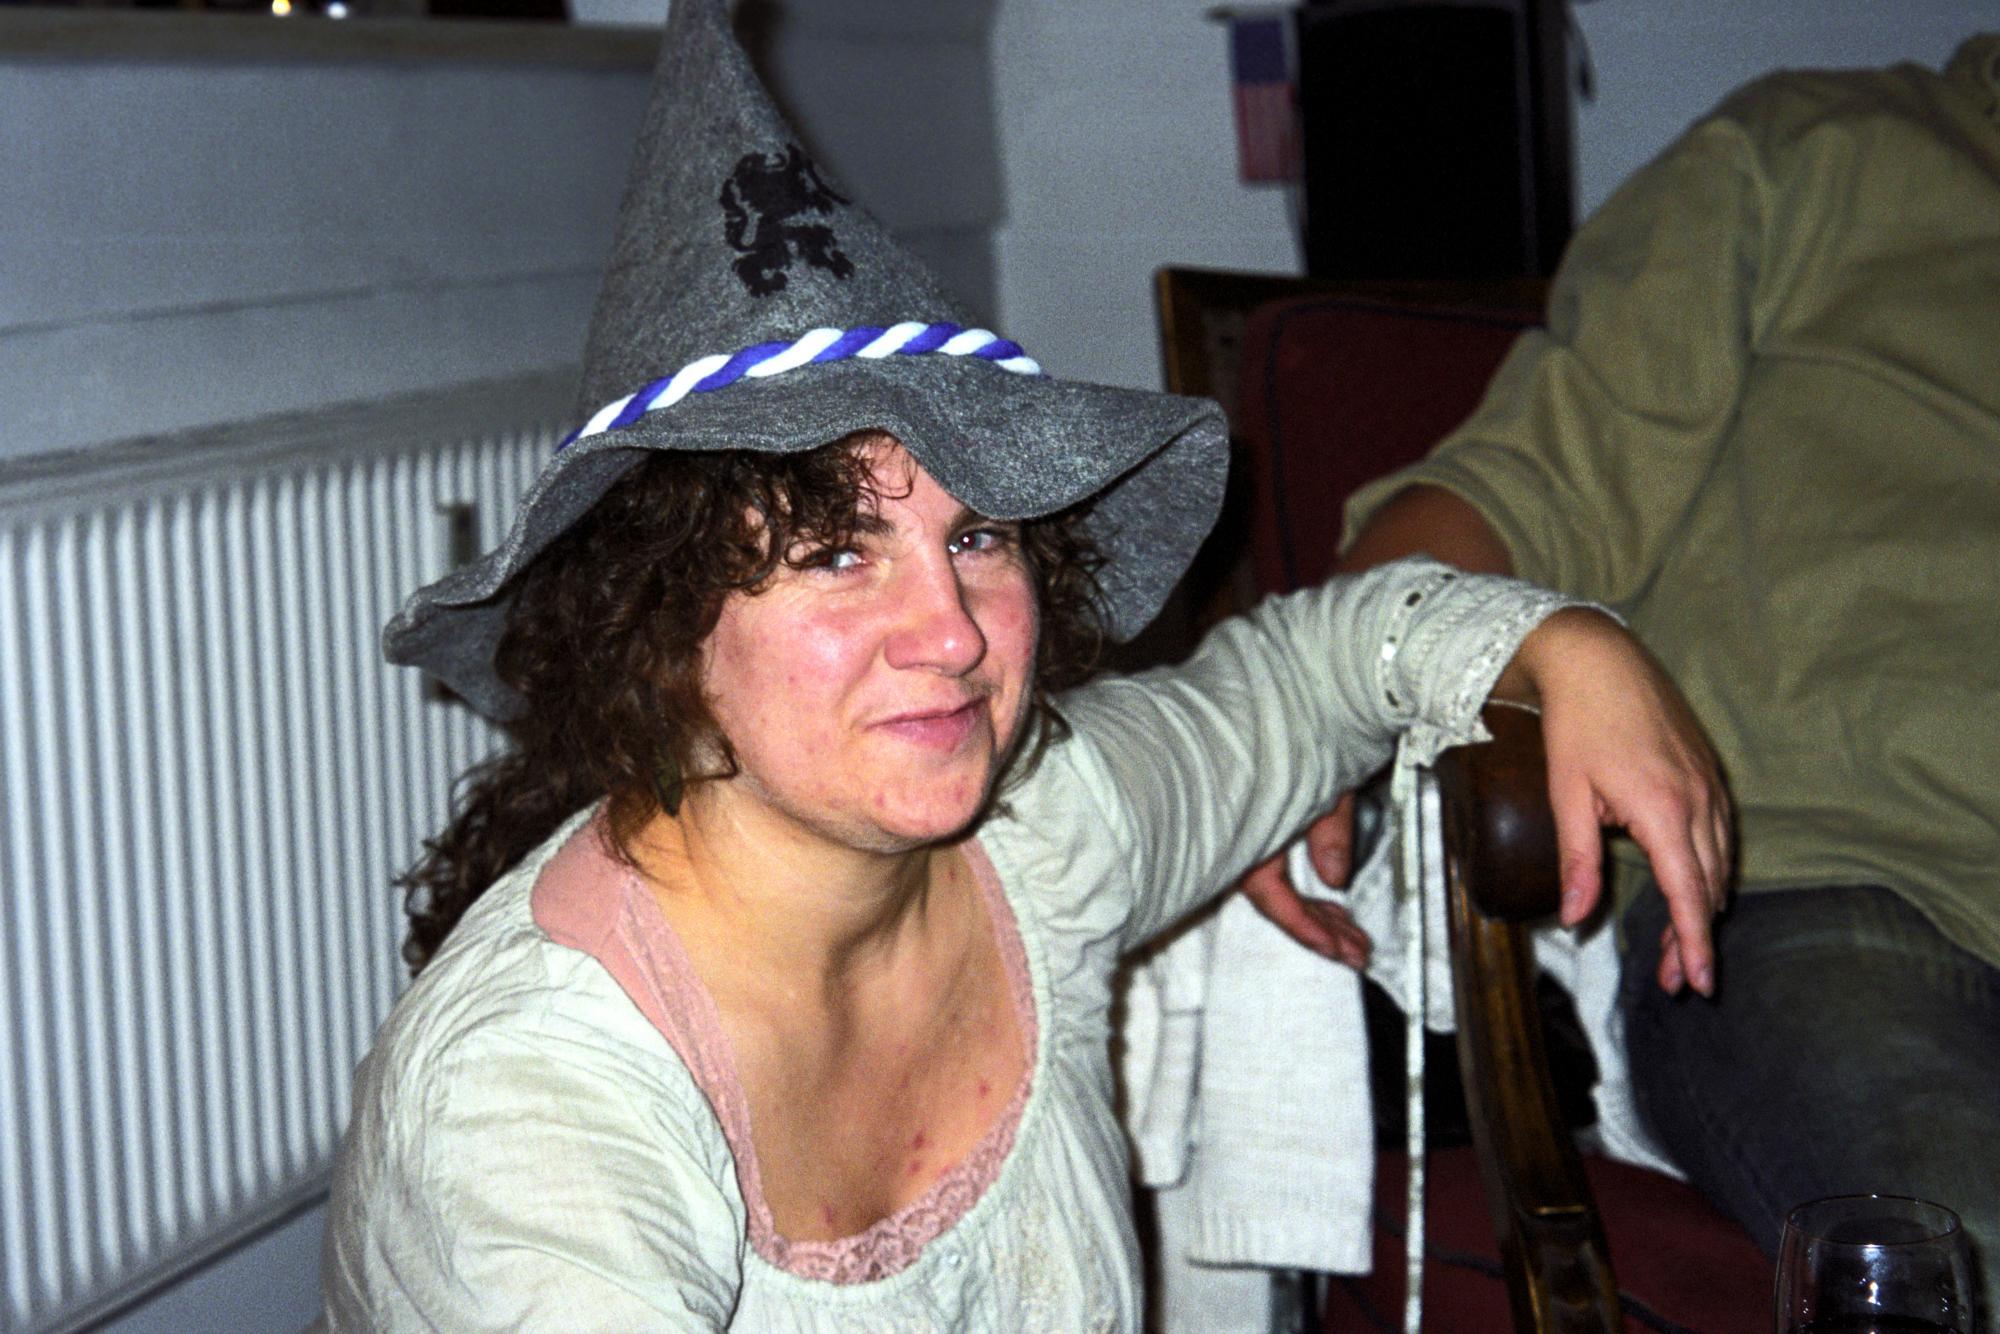 Adele Dresden gallery casa eu de dresden 2002 adele